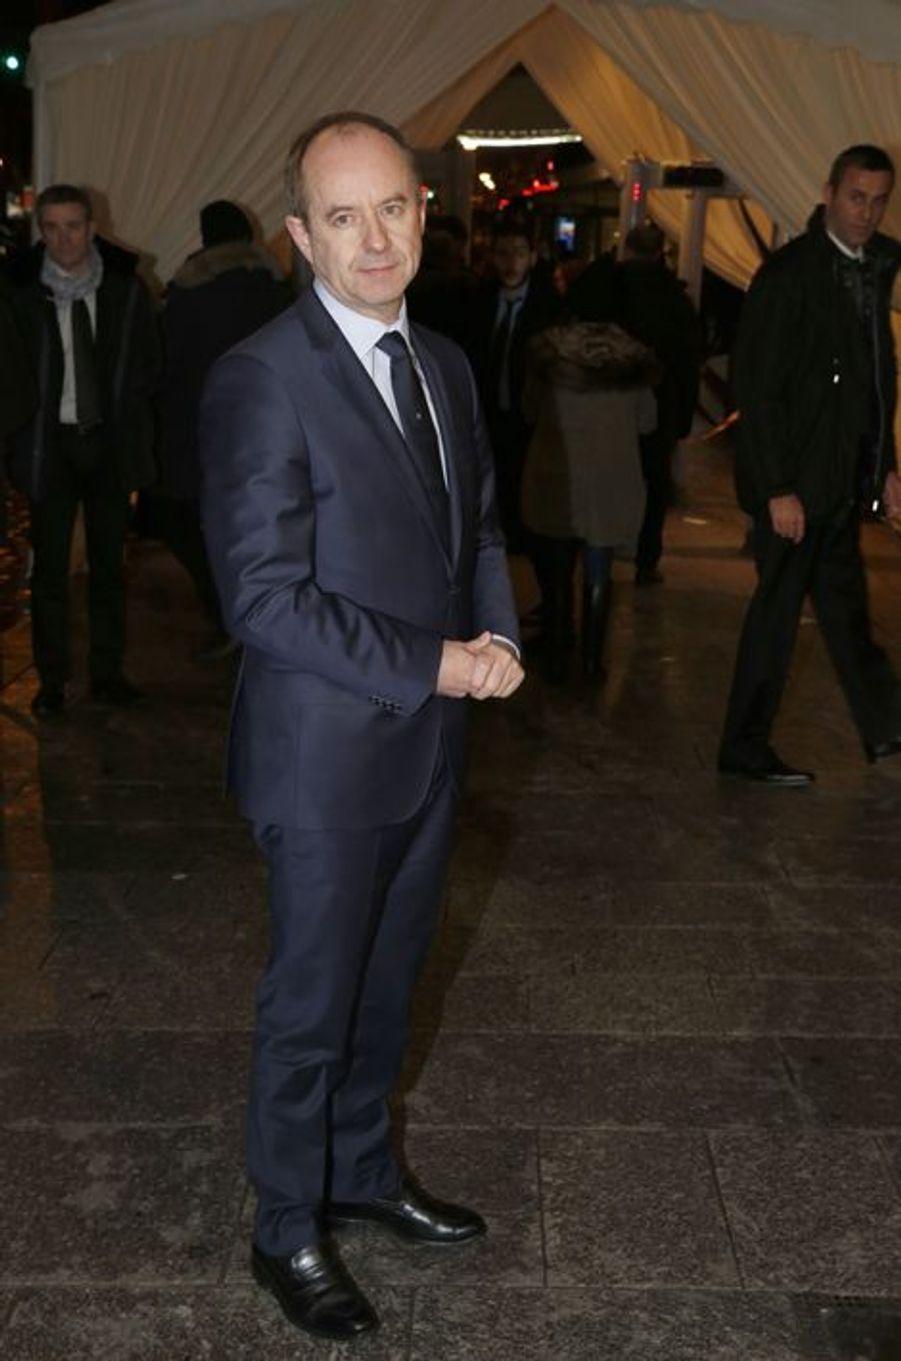 Jean-Jacques Urvoas au dîner annuel du Crif à Paris le 7 mars 2016